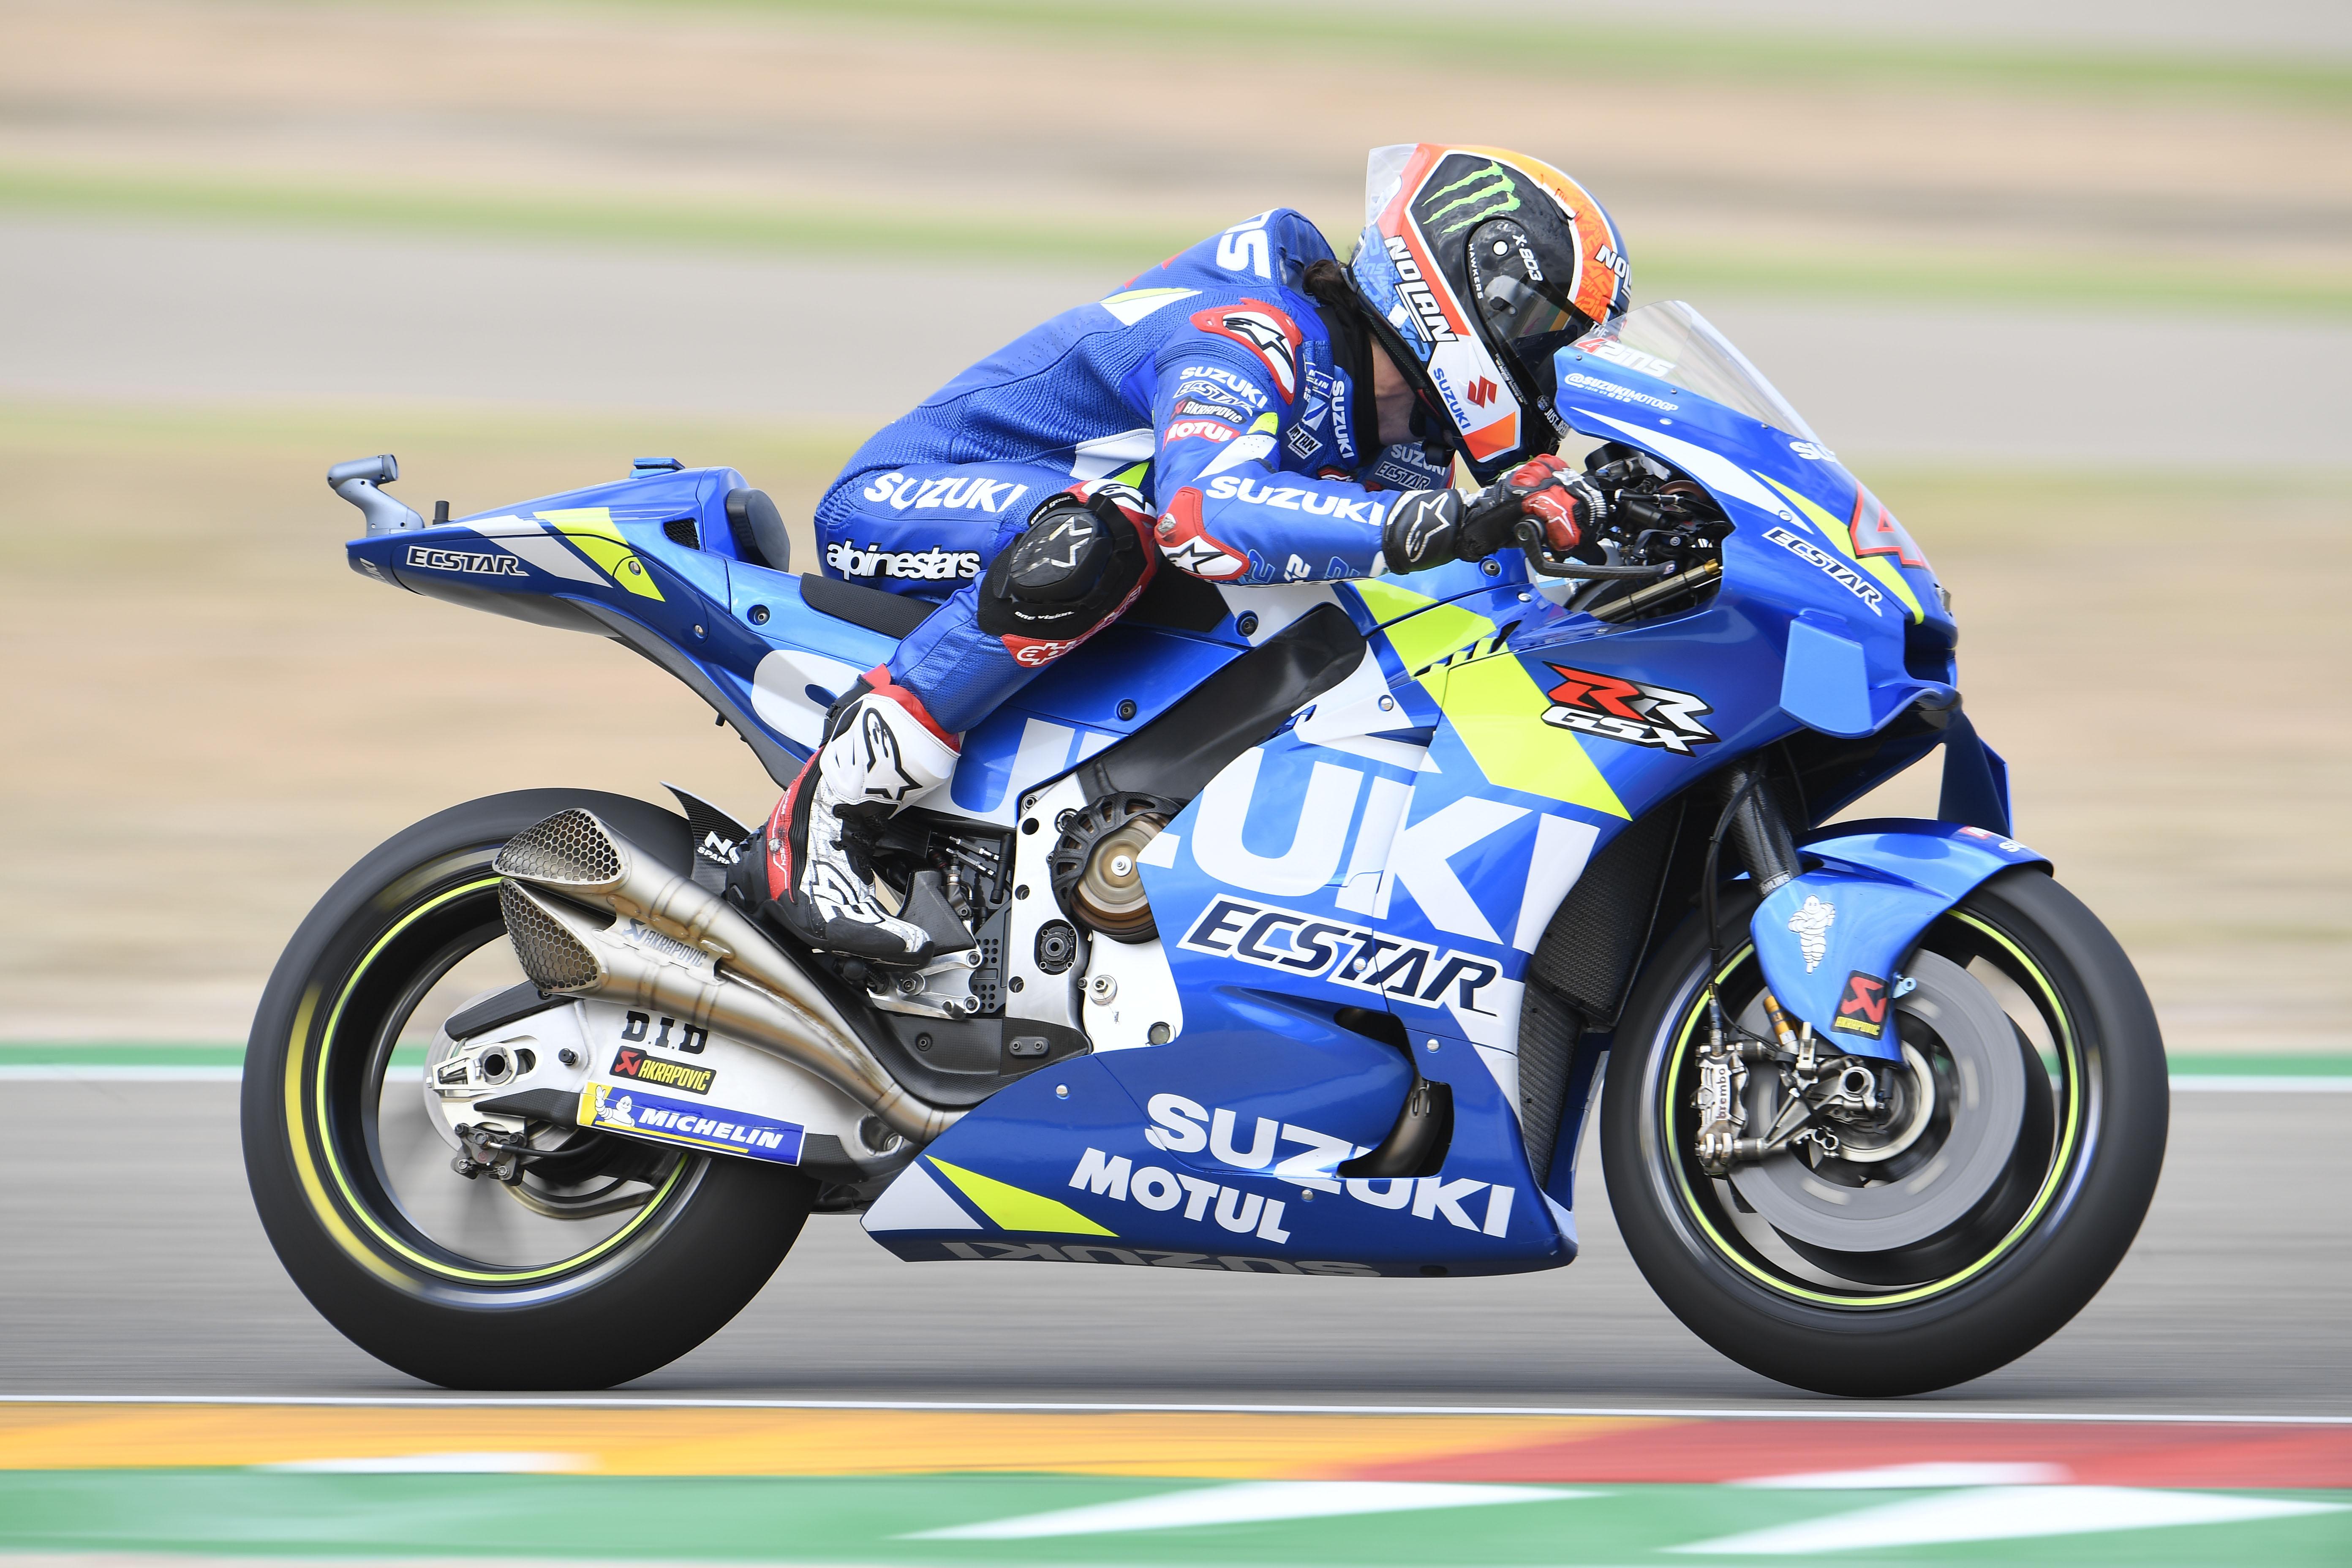 Why doesn't Suzuki have a satellite MotoGP team? | Visordown